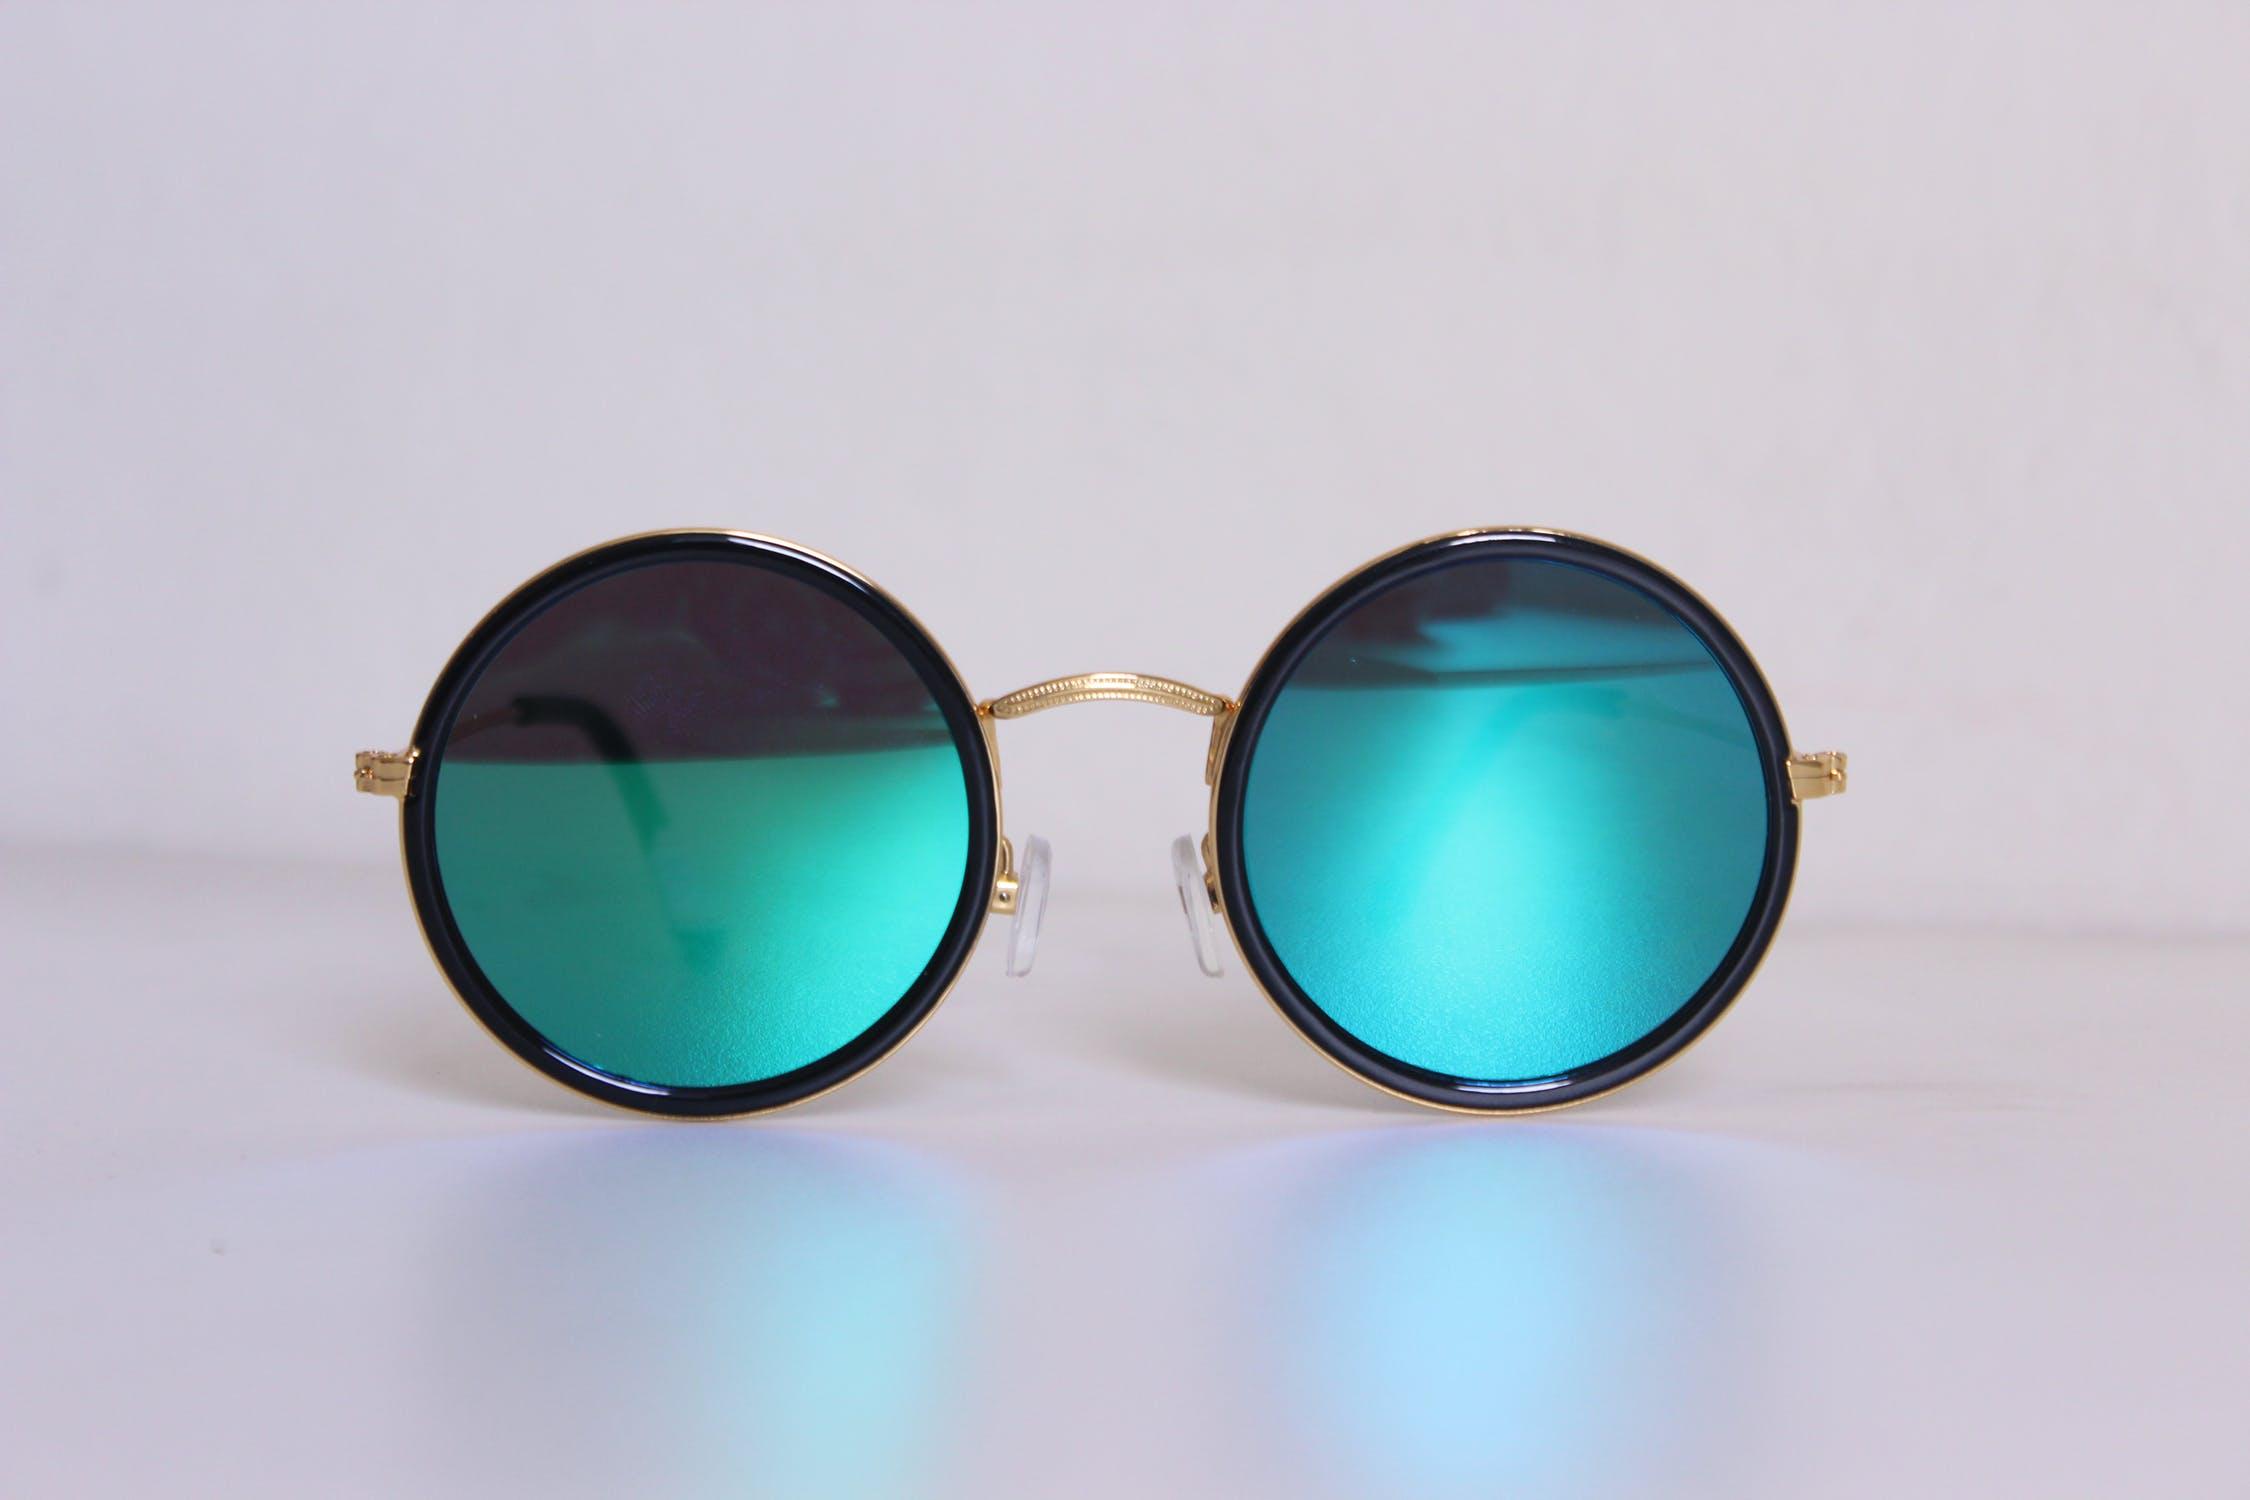 Filtros y tintes en las gafas aportan más perspectiva